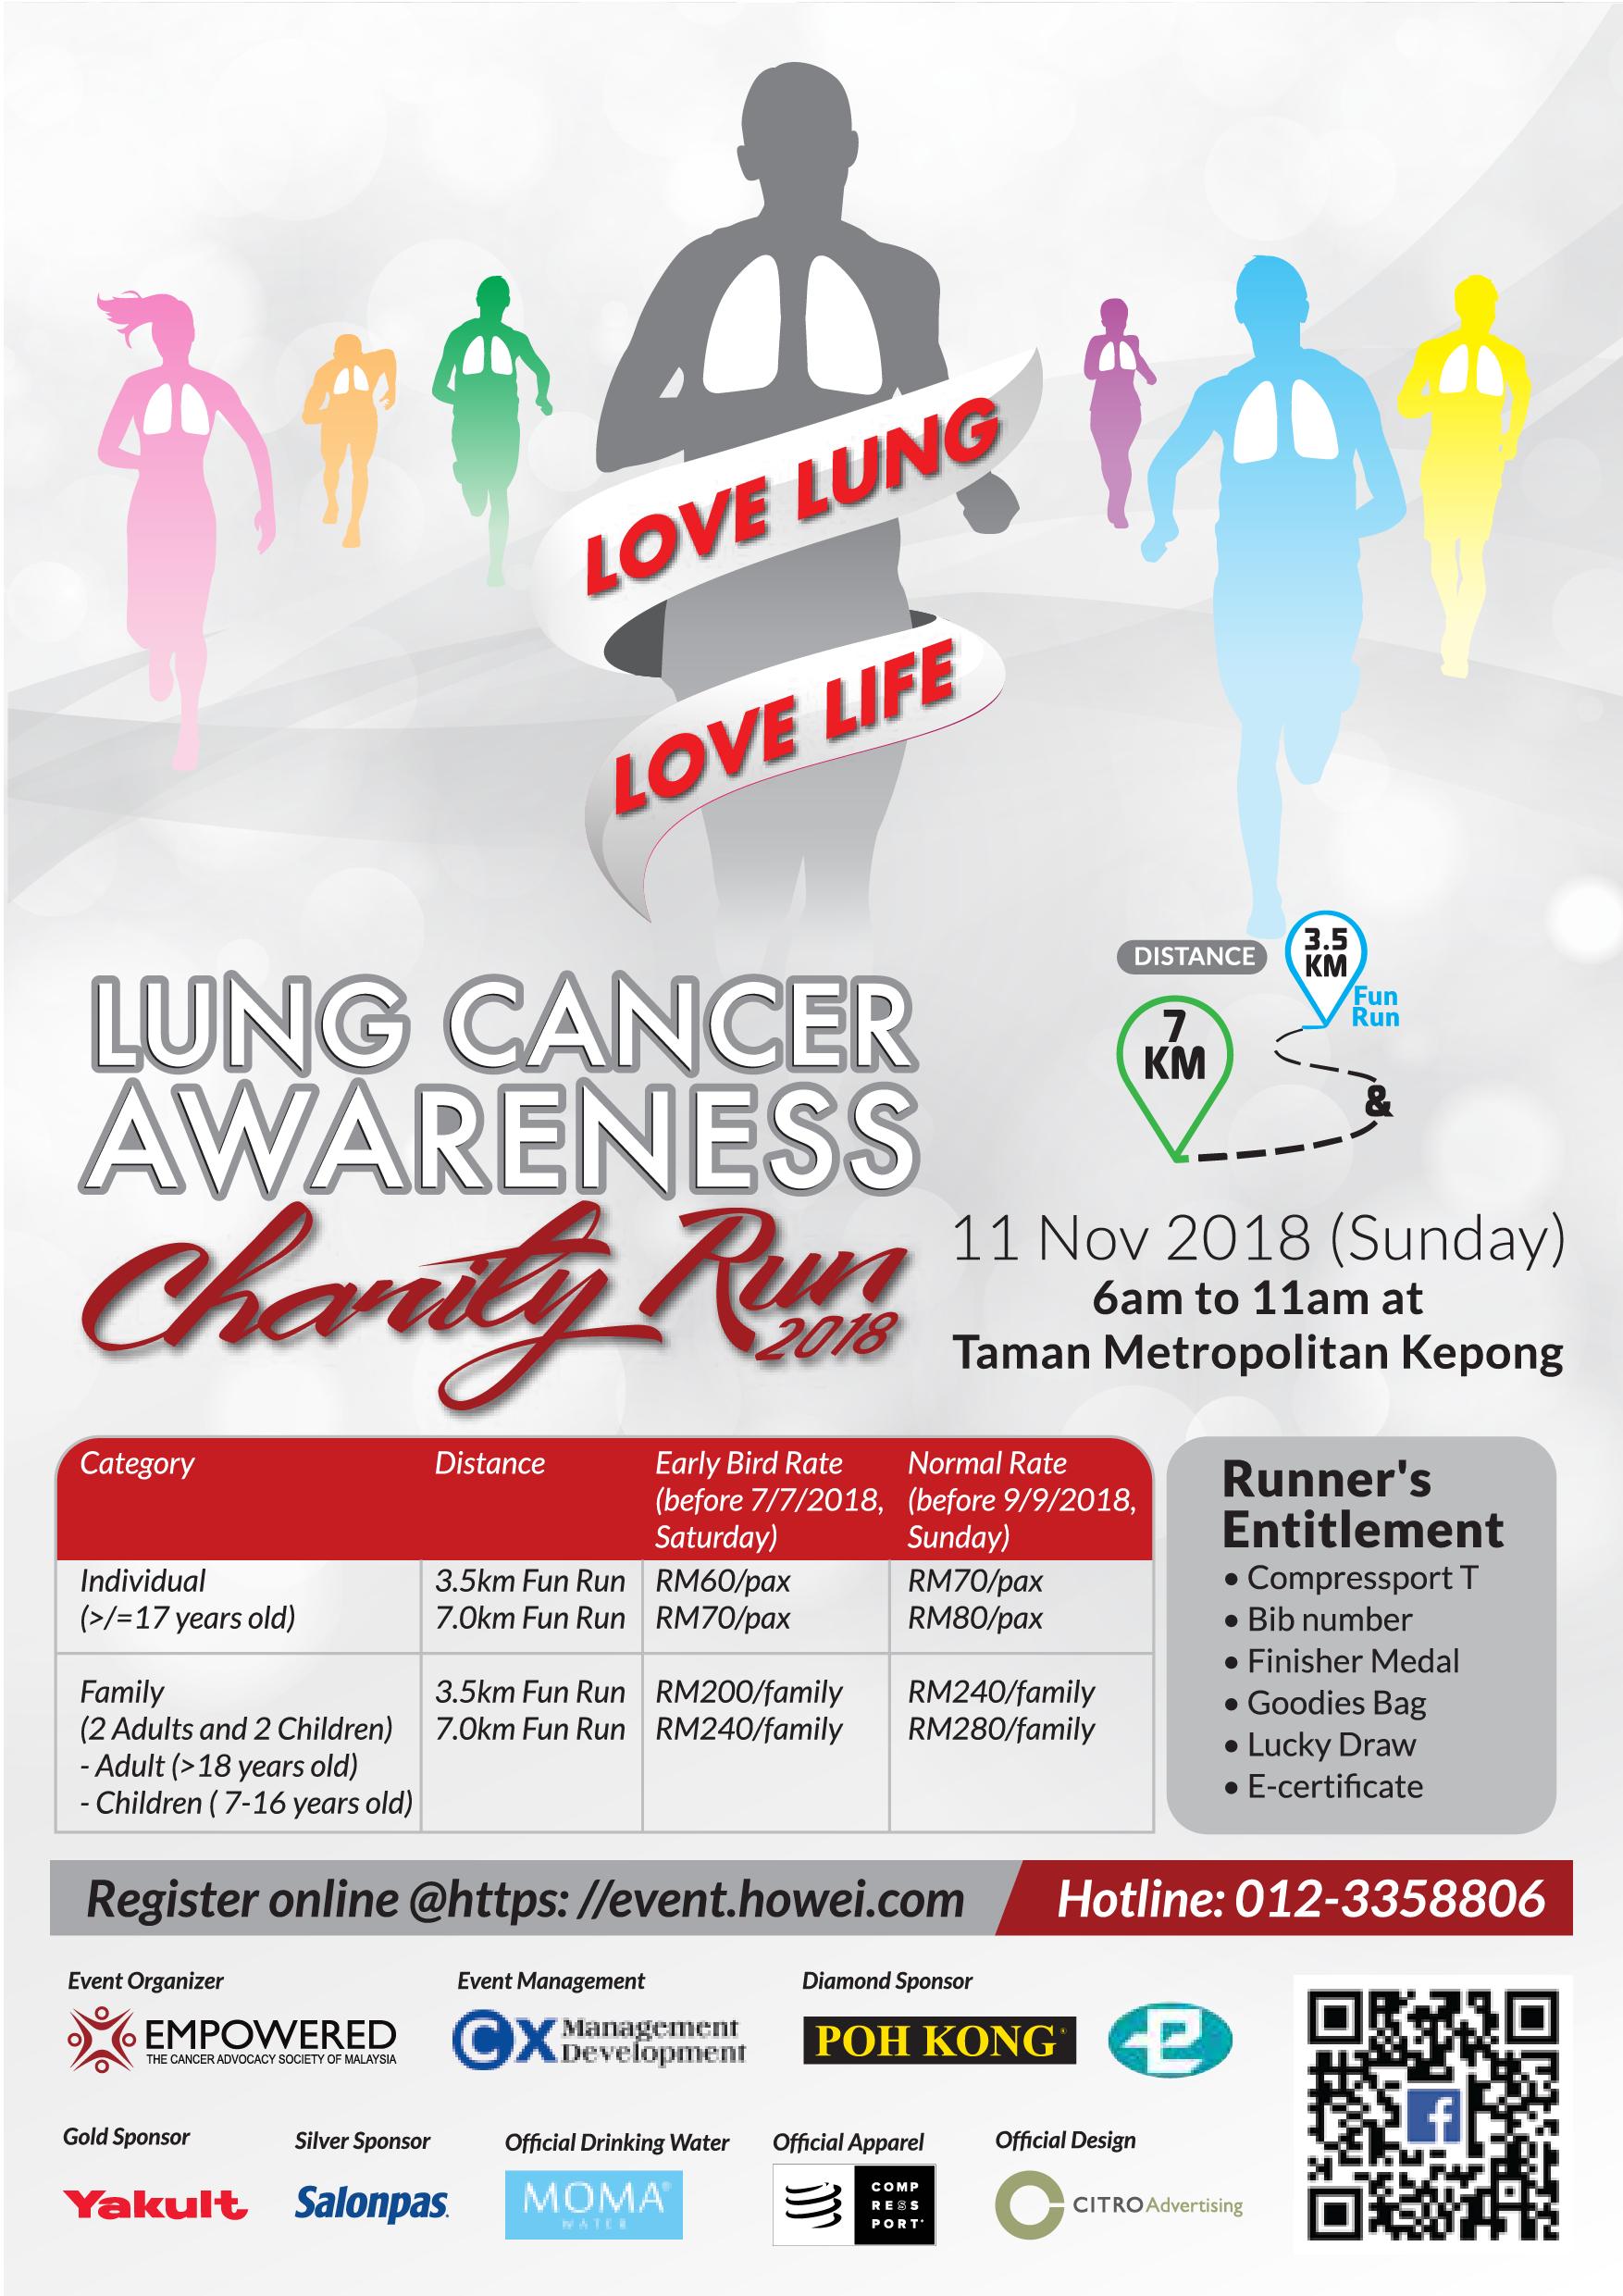 Lungcancerawareness charityrun a5flyer r7  01